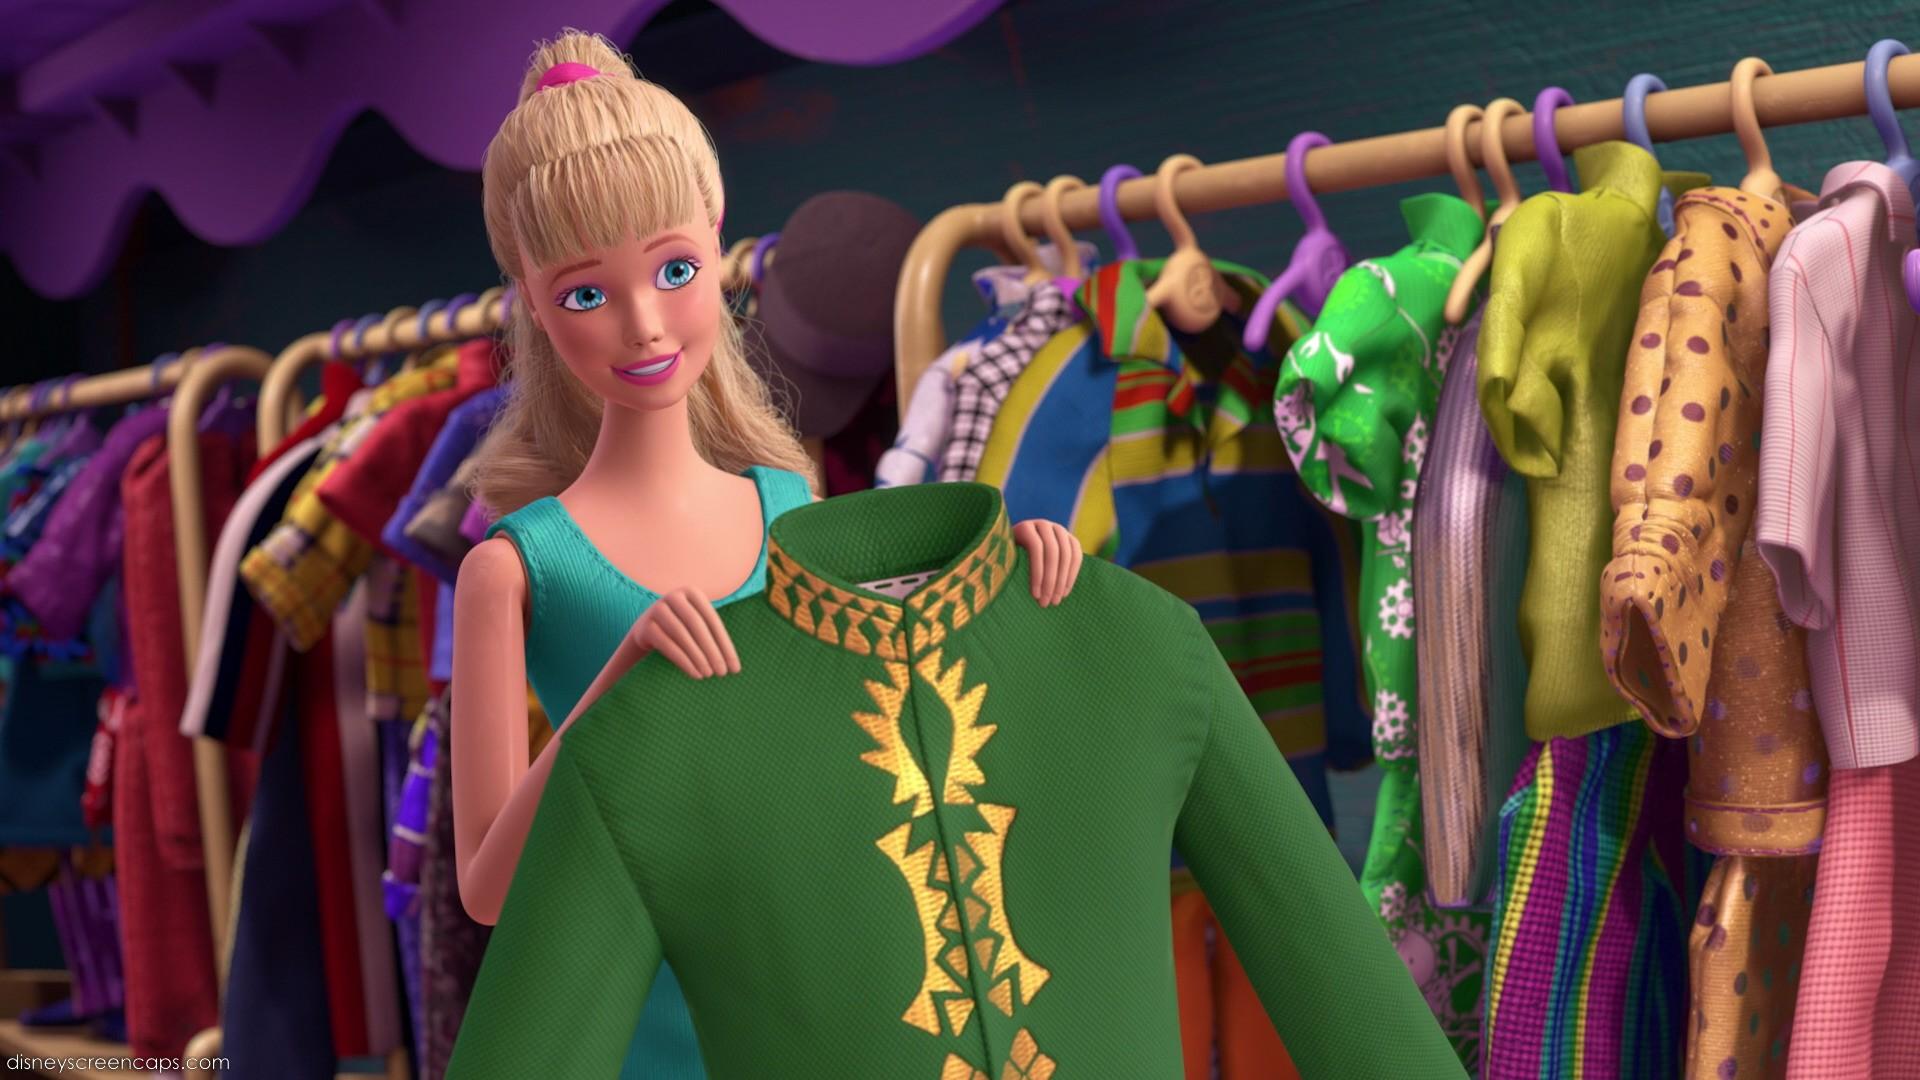 Barbie Rips Ken's Clothes